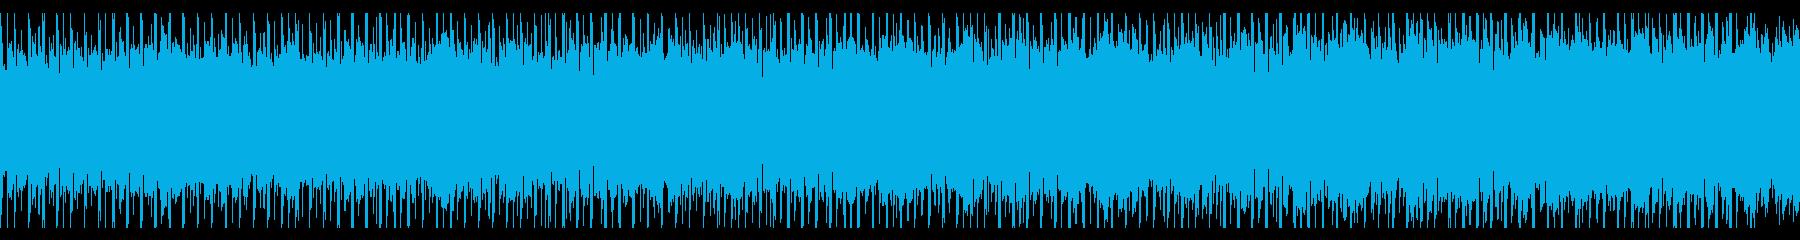 インフォグラフィック(ループ)の再生済みの波形